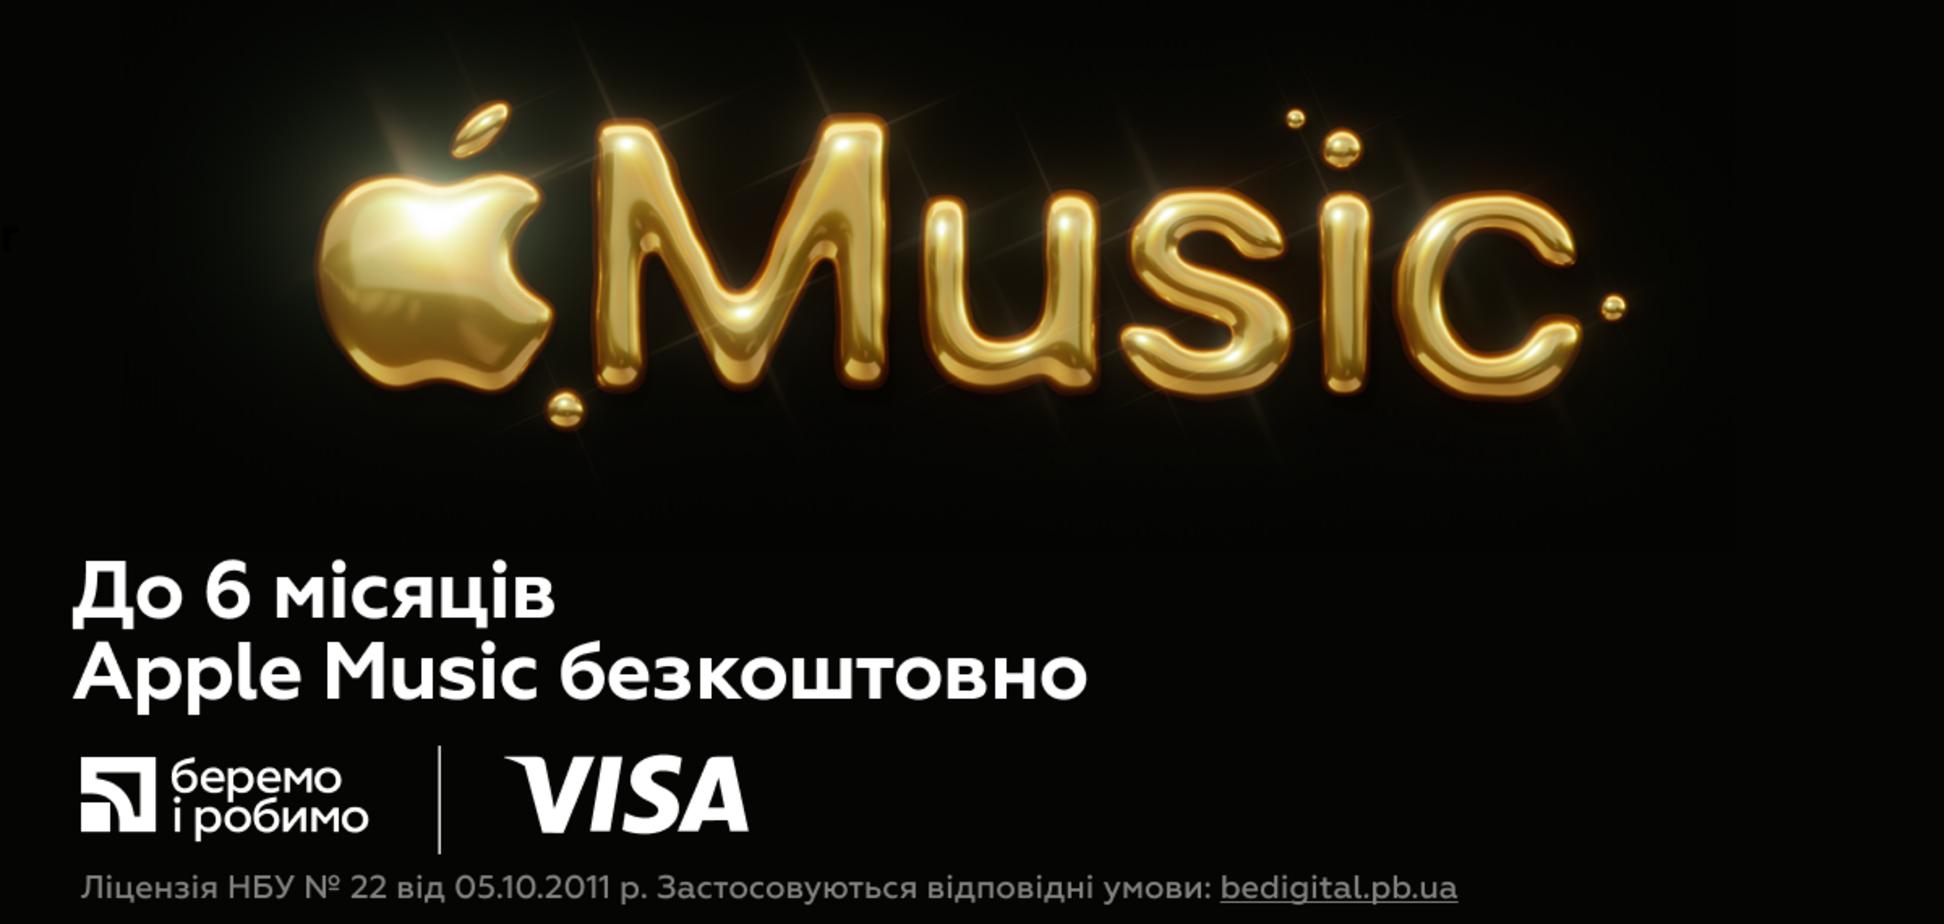 ПриватБанк предлагает полгода бесплатной музыки: как получить подарок